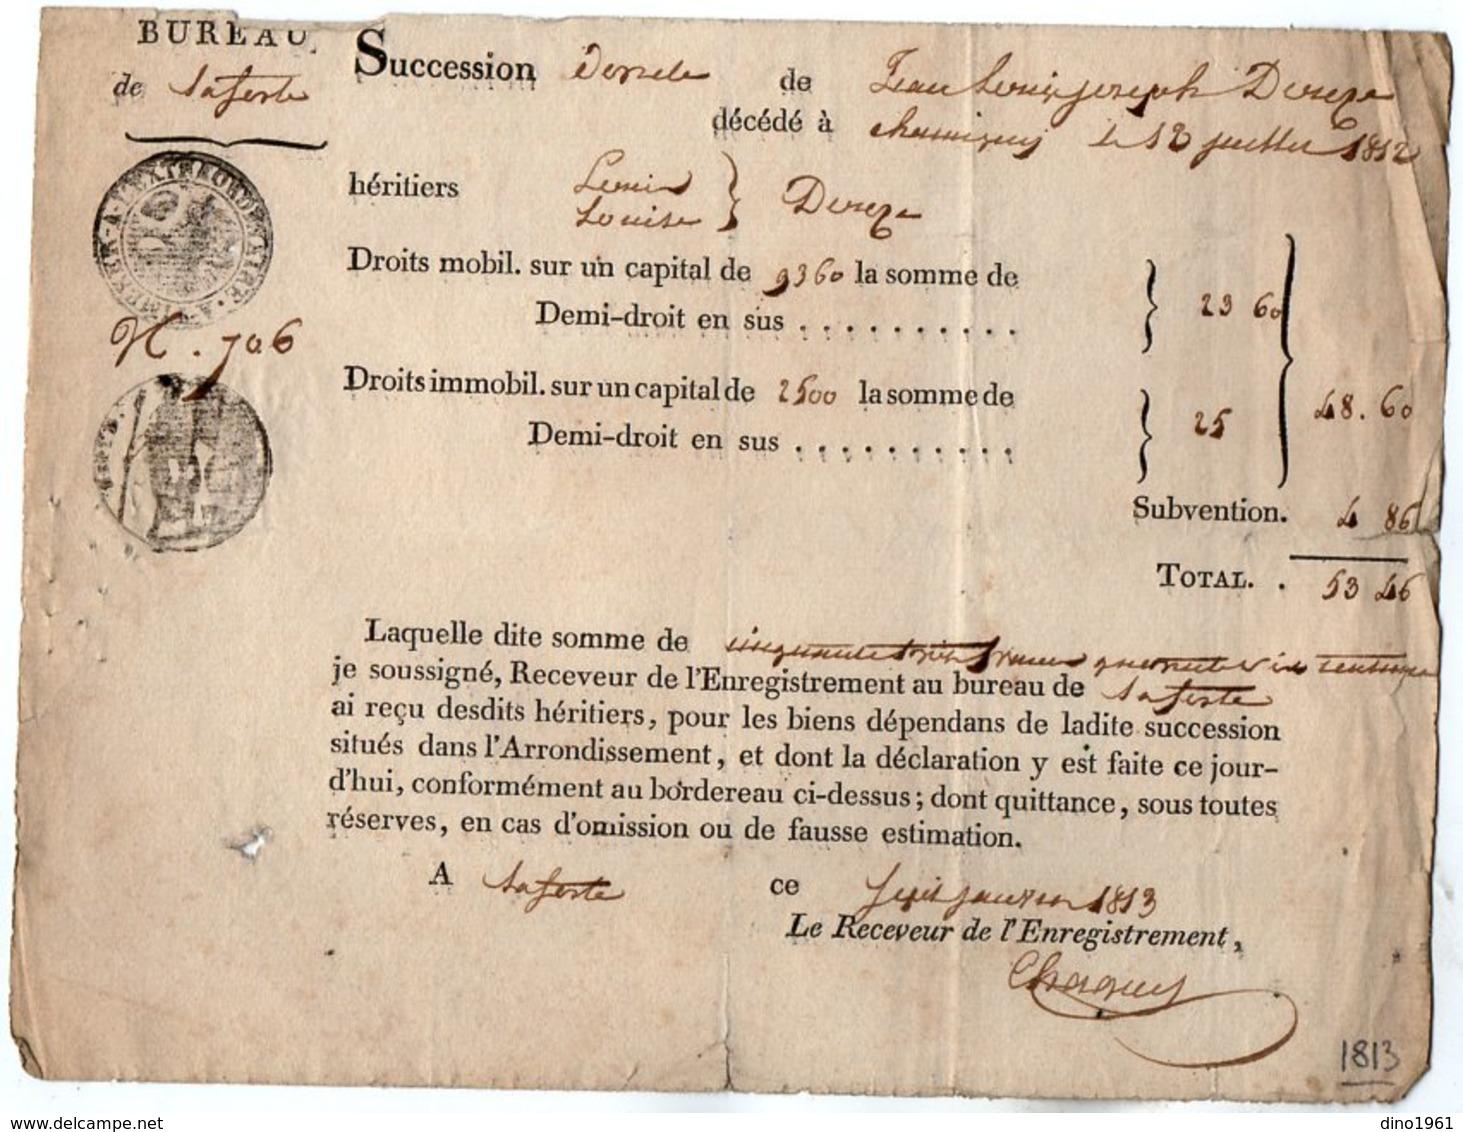 VP14.544 - Bureau De ? 1813 - Succession De Jean Louis Joseph ? - Quittance - Collections